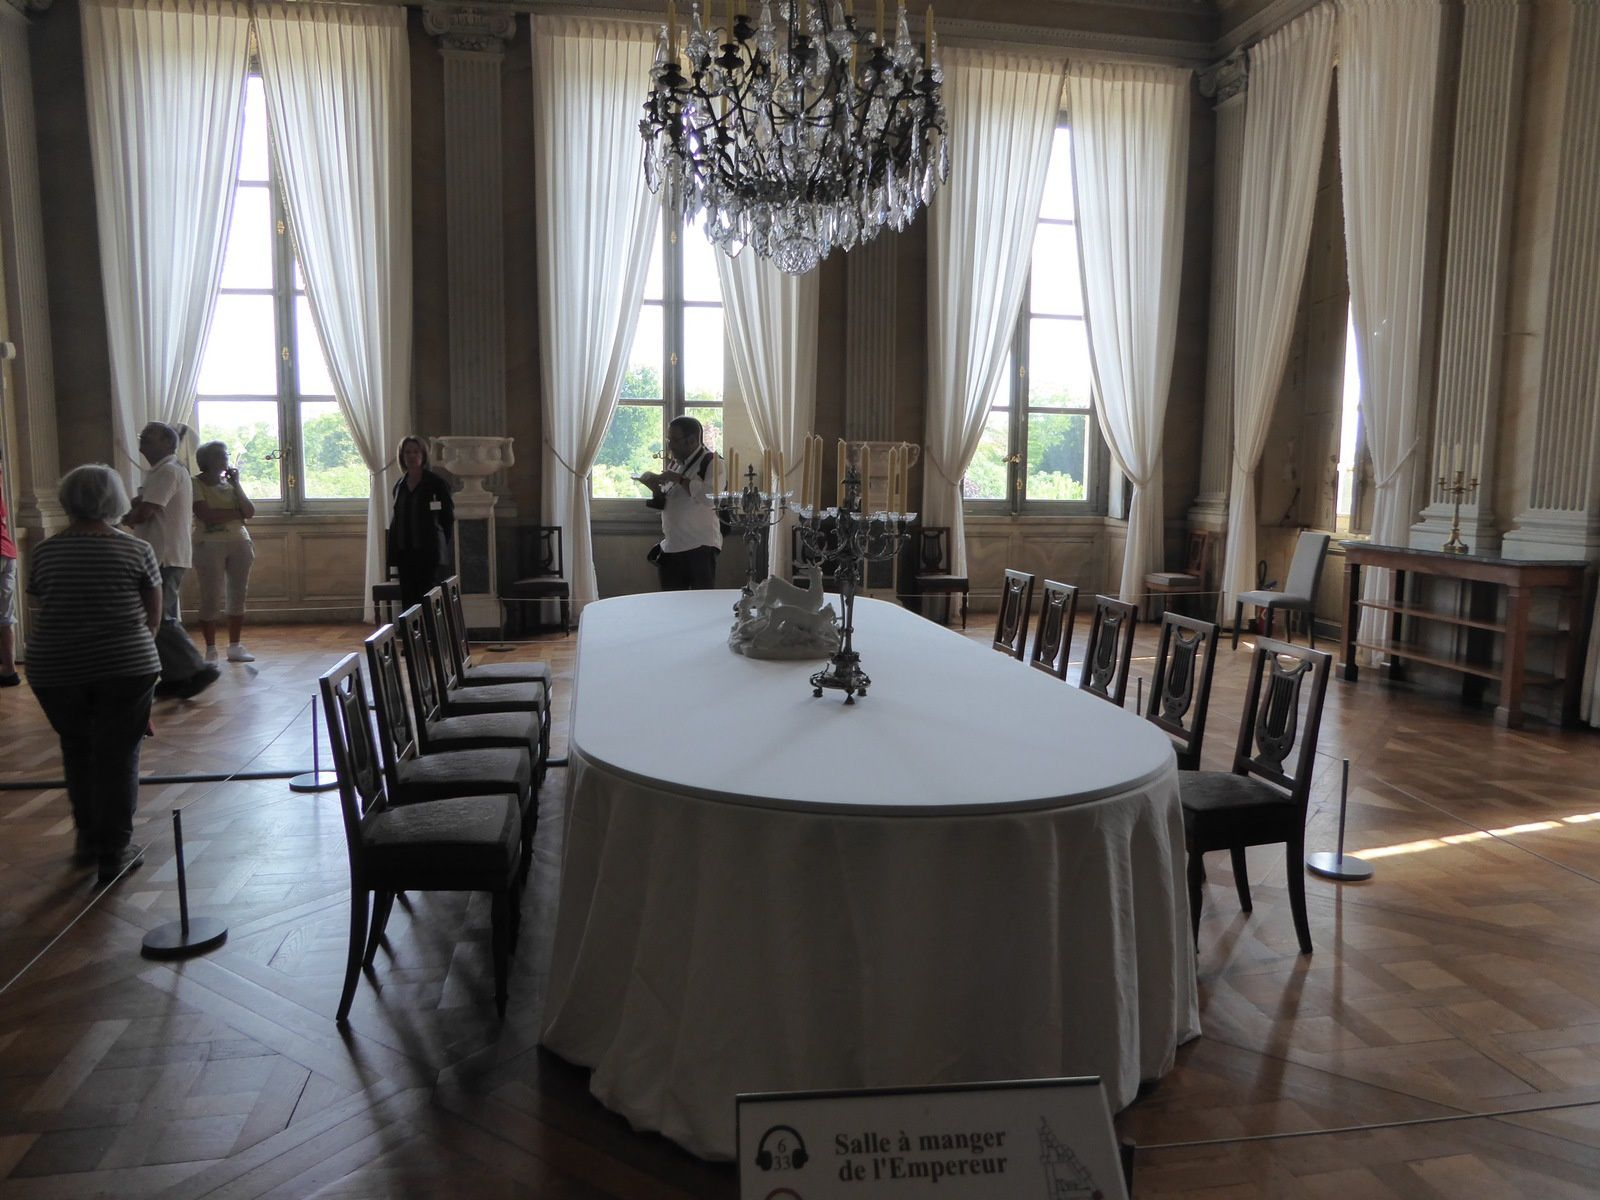 La salle à manger de l'Empereur.